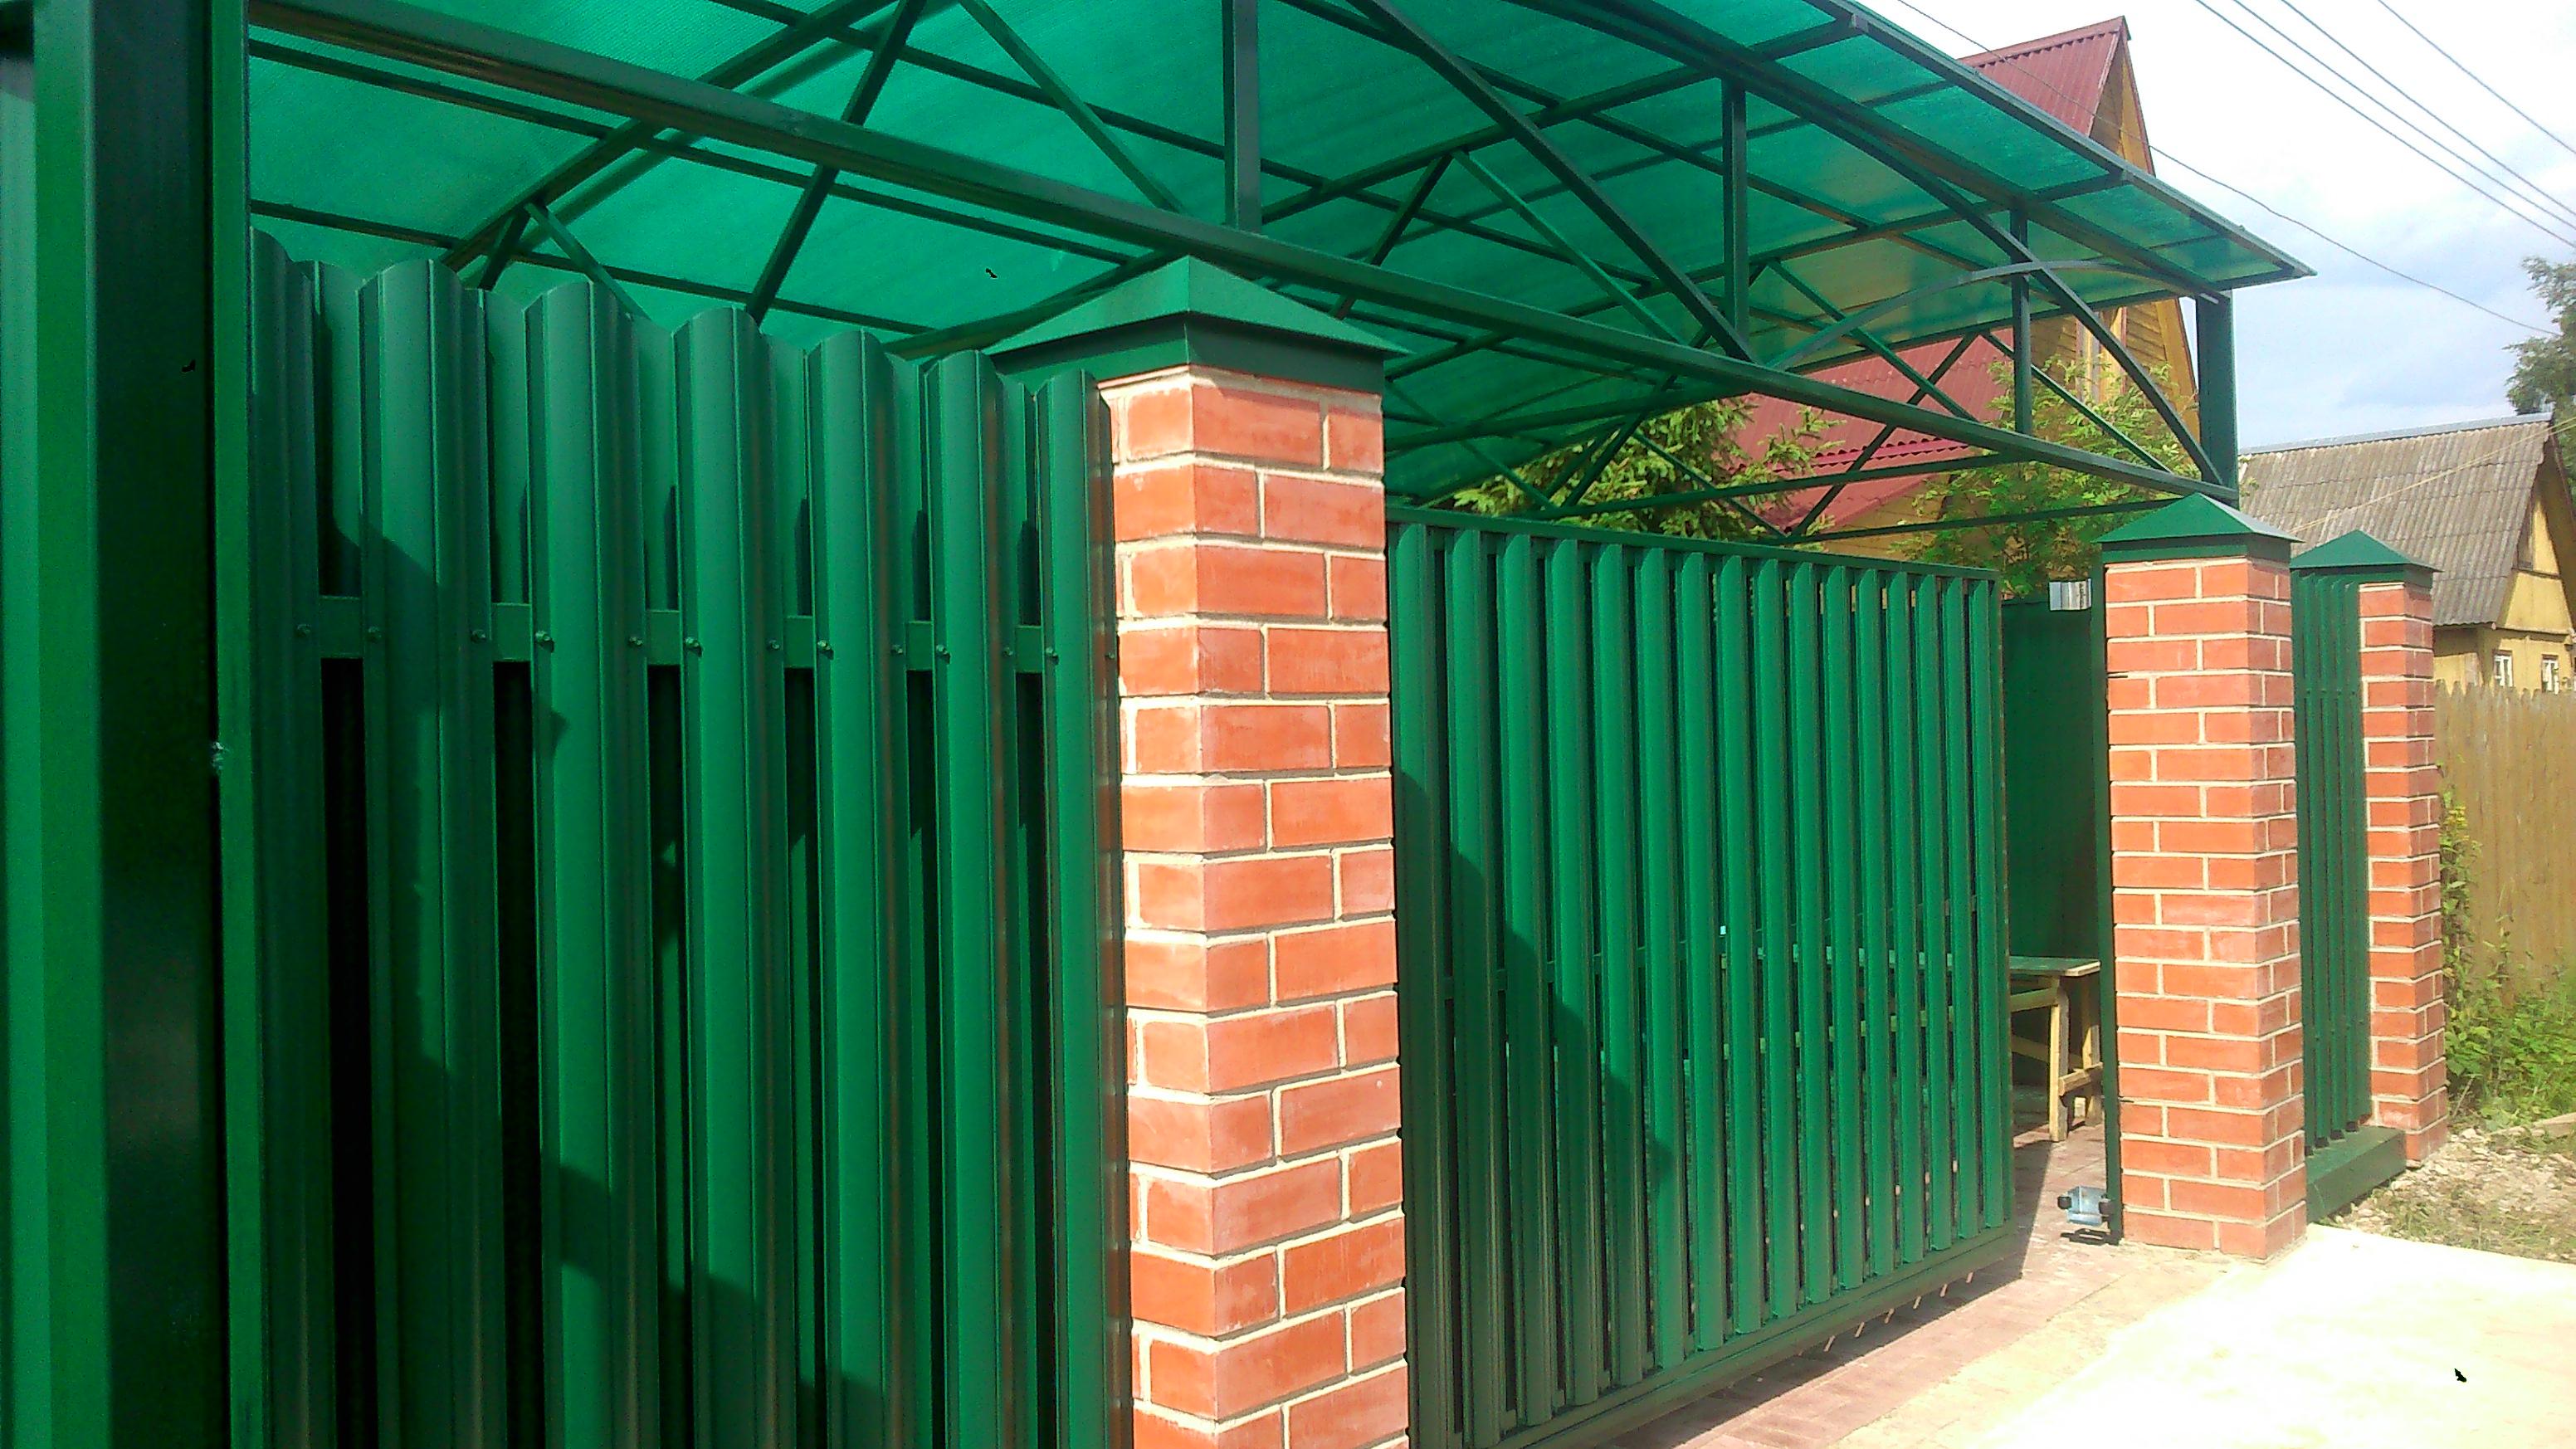 сдвижные ворота 4200 мм на 2100 мм с автоматикой и установкой от 80000 руб